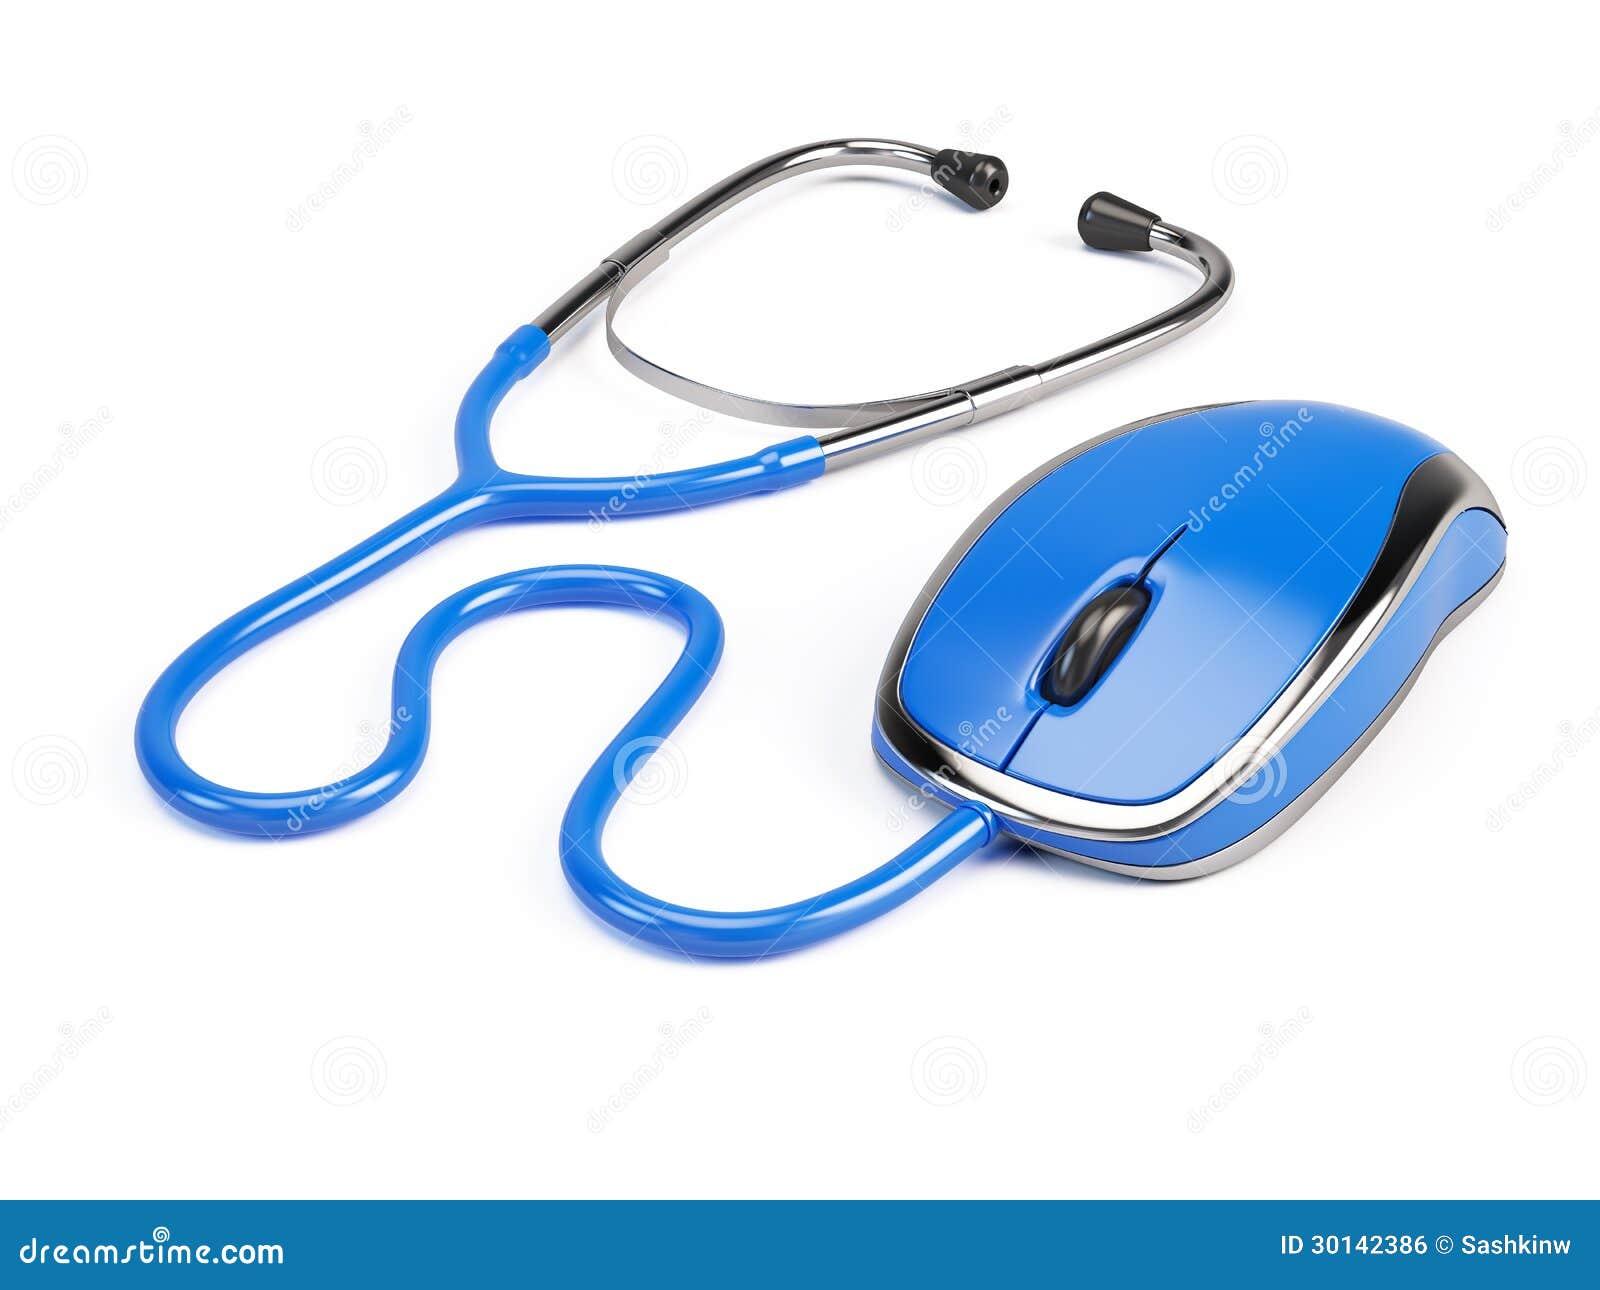 Stethoscope Royalty Free Stock Image - Image: 32623856